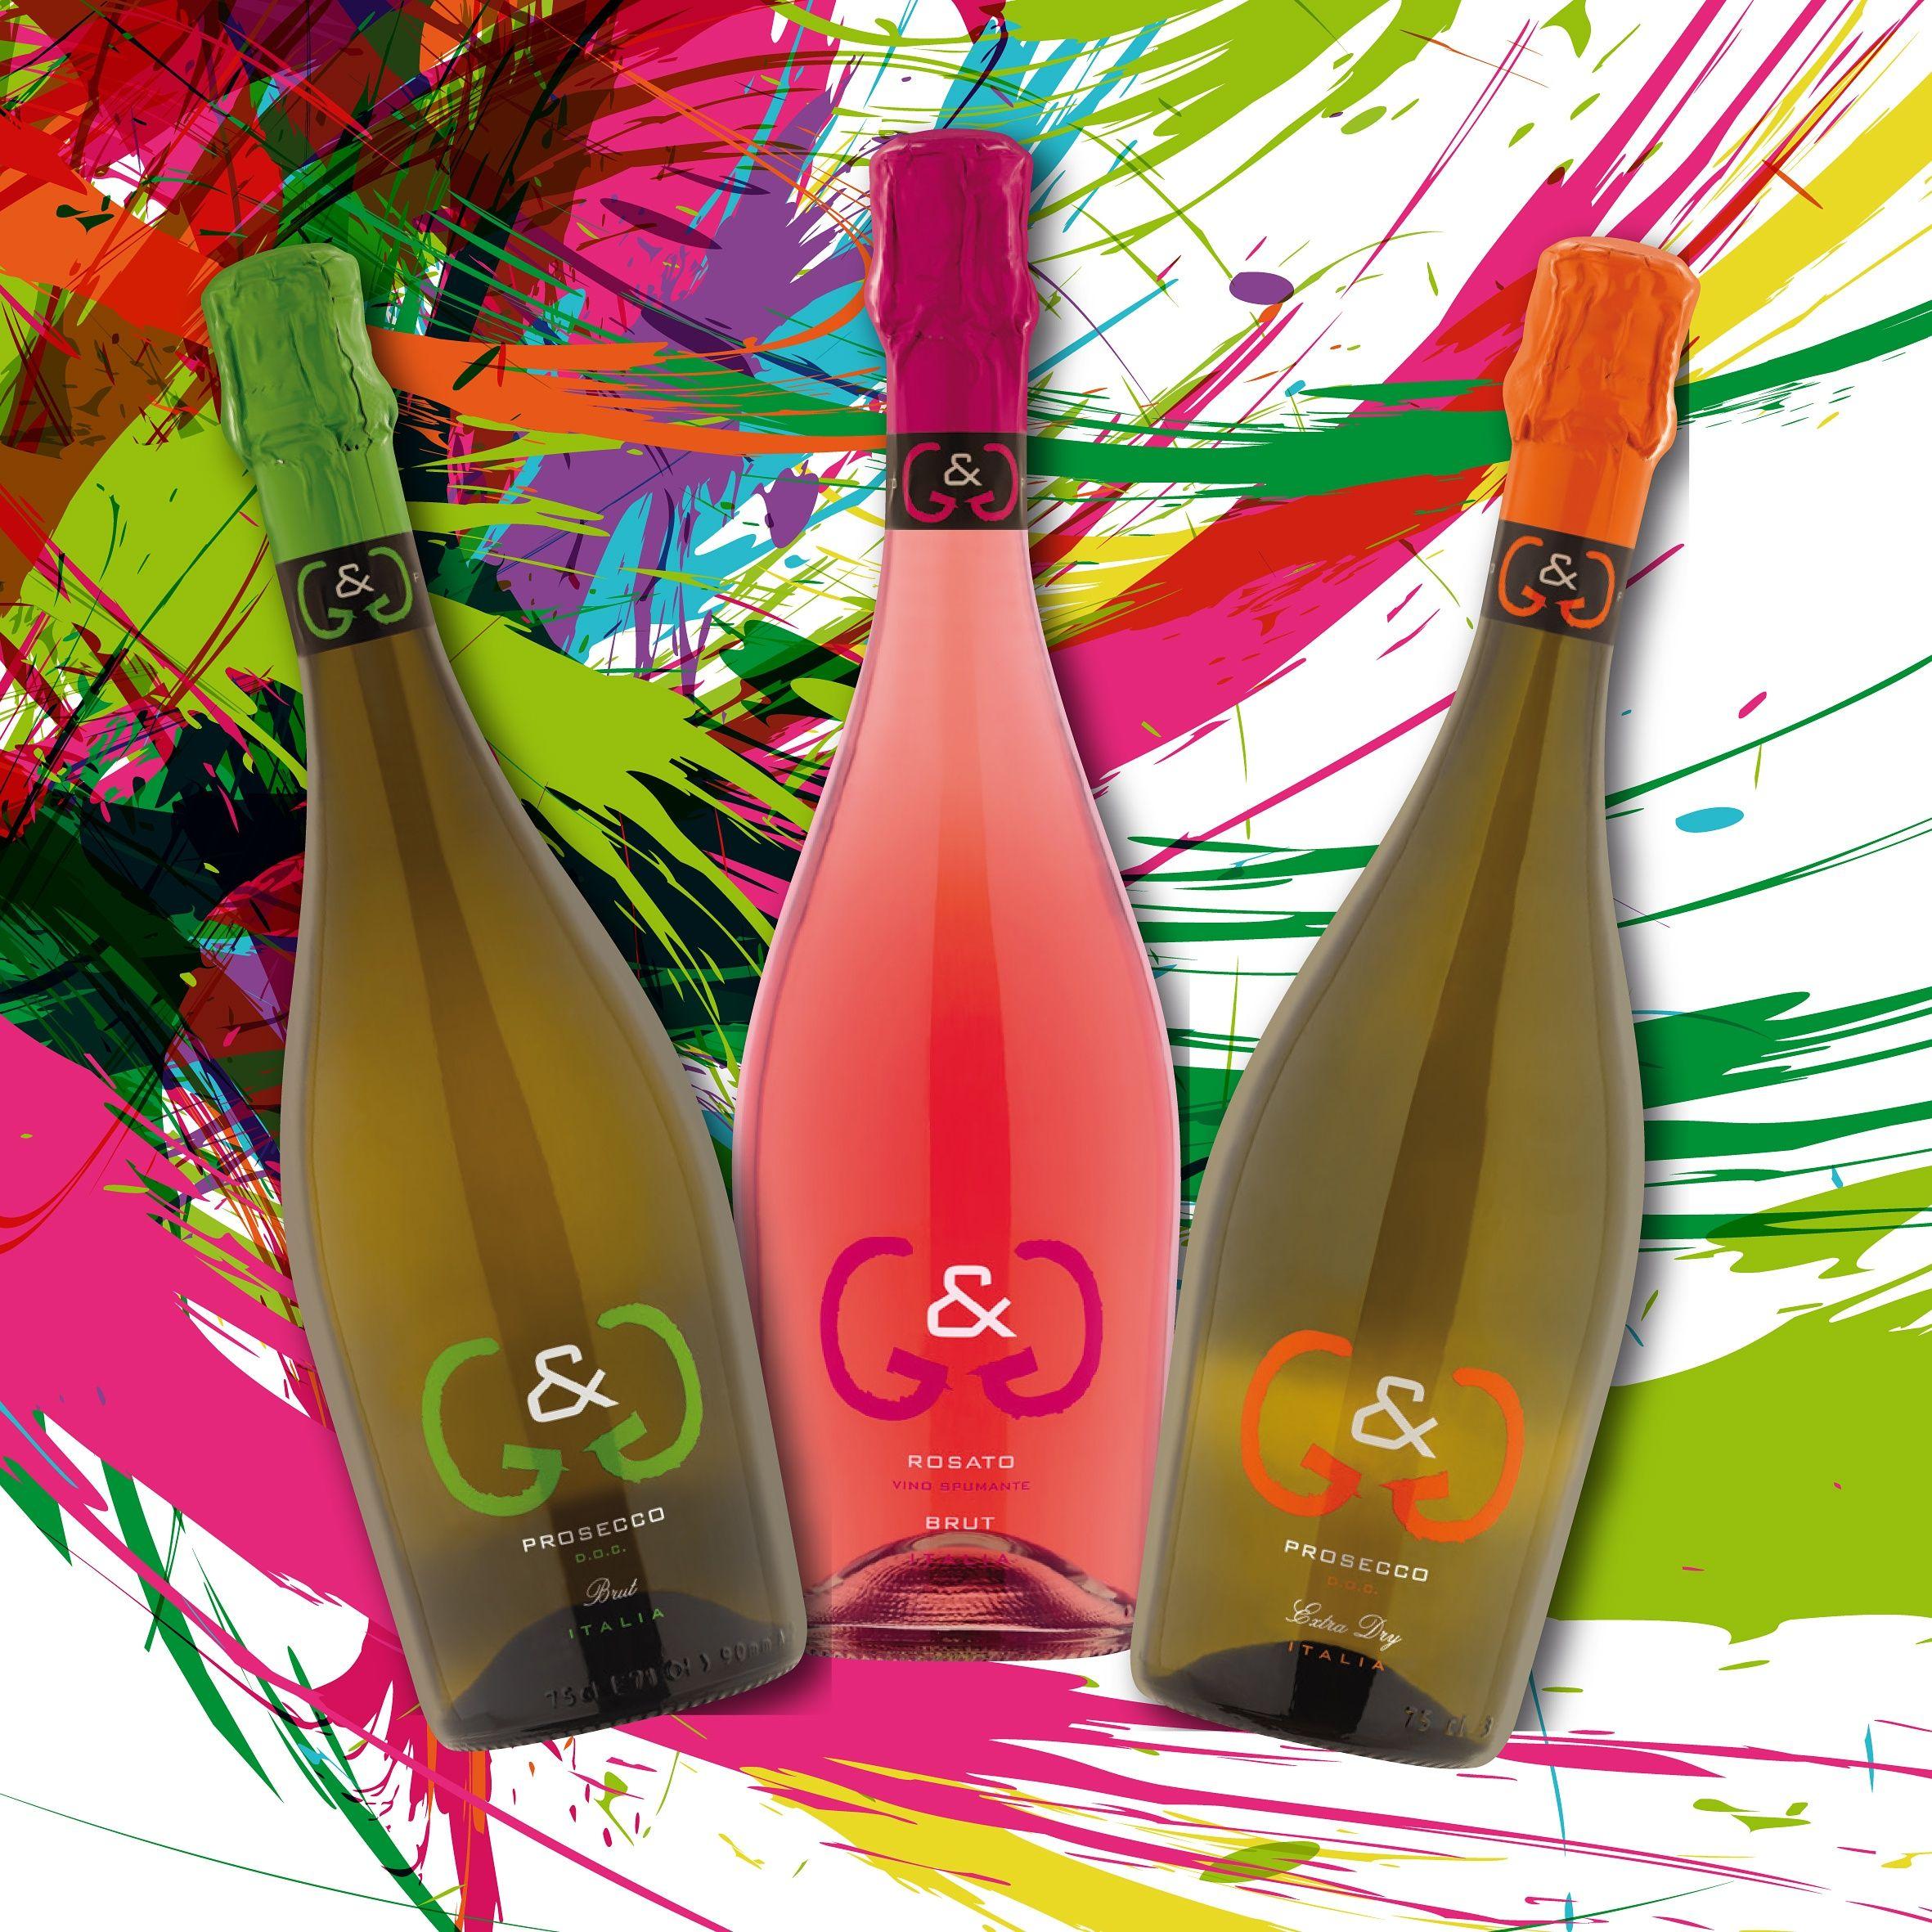 Linea G G Vigna Dogarina Prosecco Rosato Proseccobrut Proseccoextradry Sparklingwines Colourpop Colourfu Wine Bottle Rose Wine Bottle Champagne Bottle